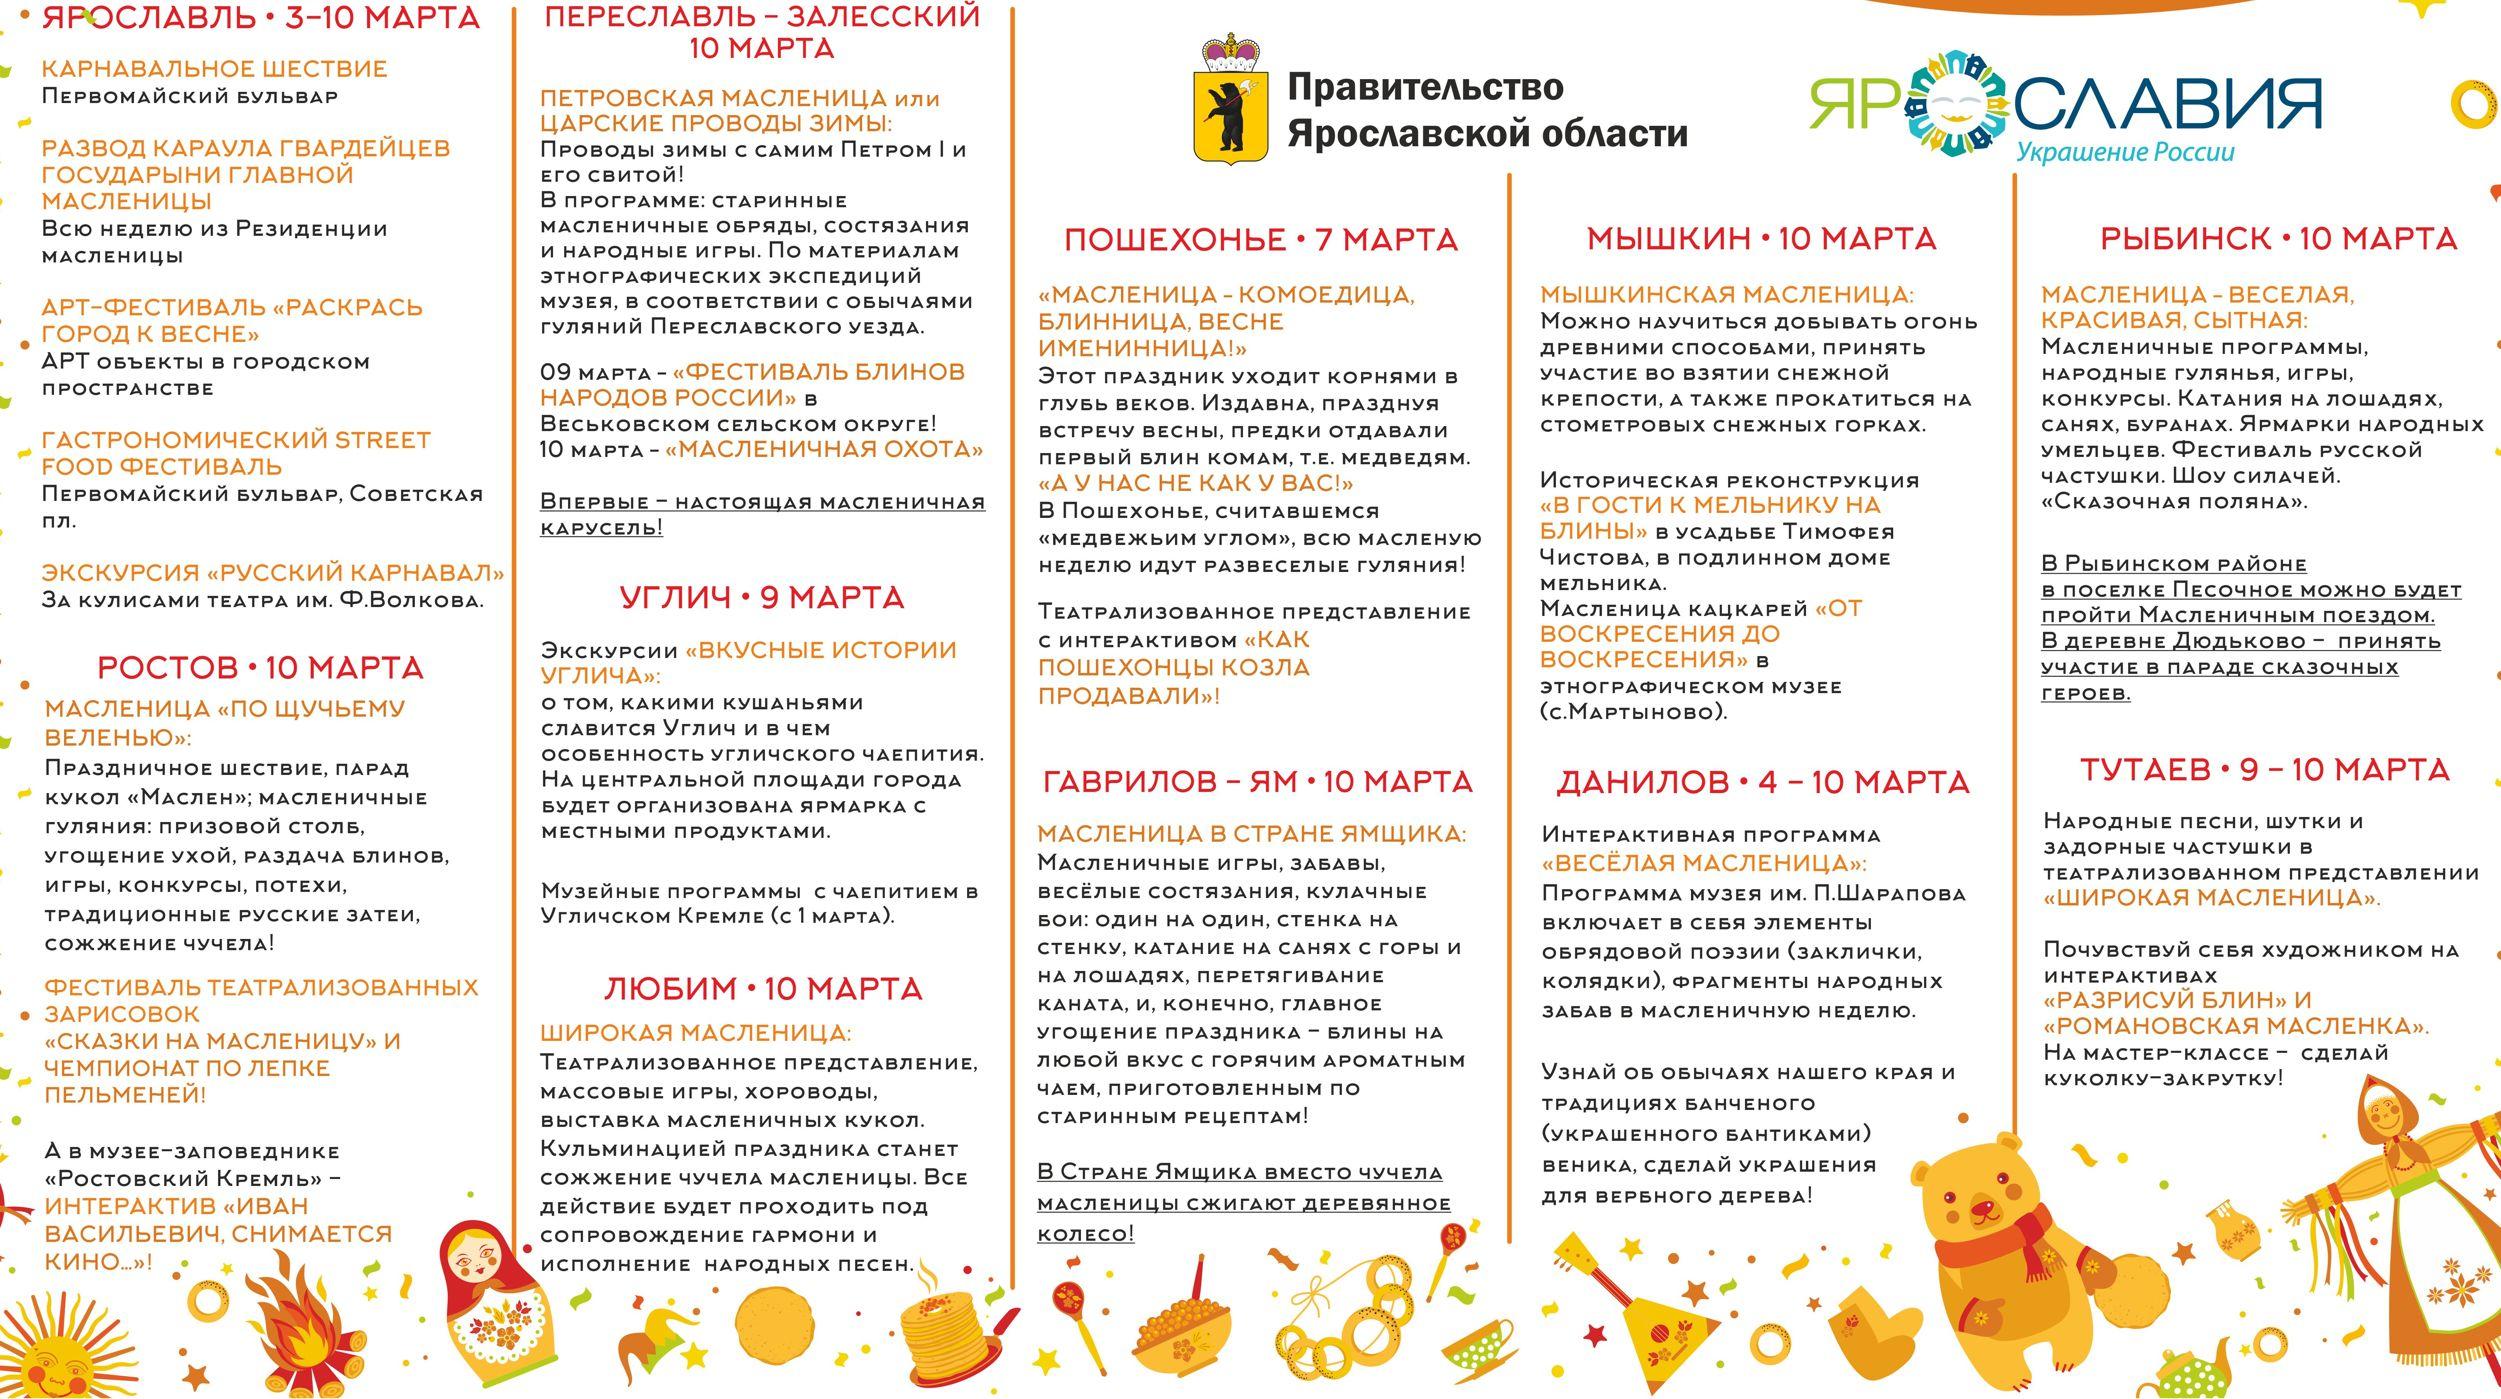 В Ярославской области разработана туристическая карта «Яркой Масленицы»